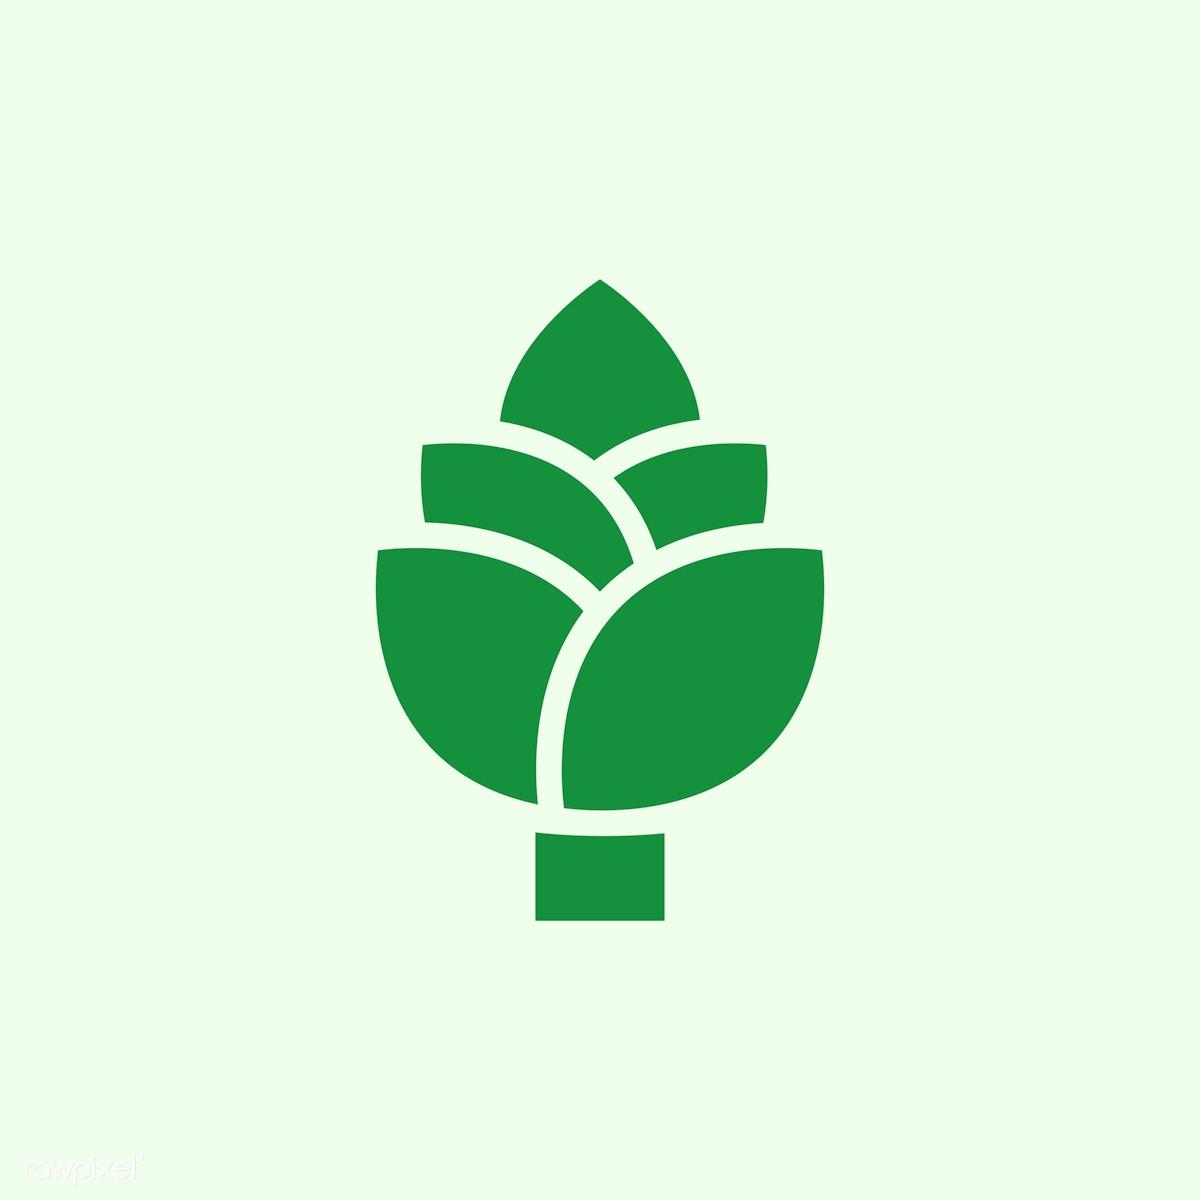 Green go vegan icon vector | Free stock vector - 487188